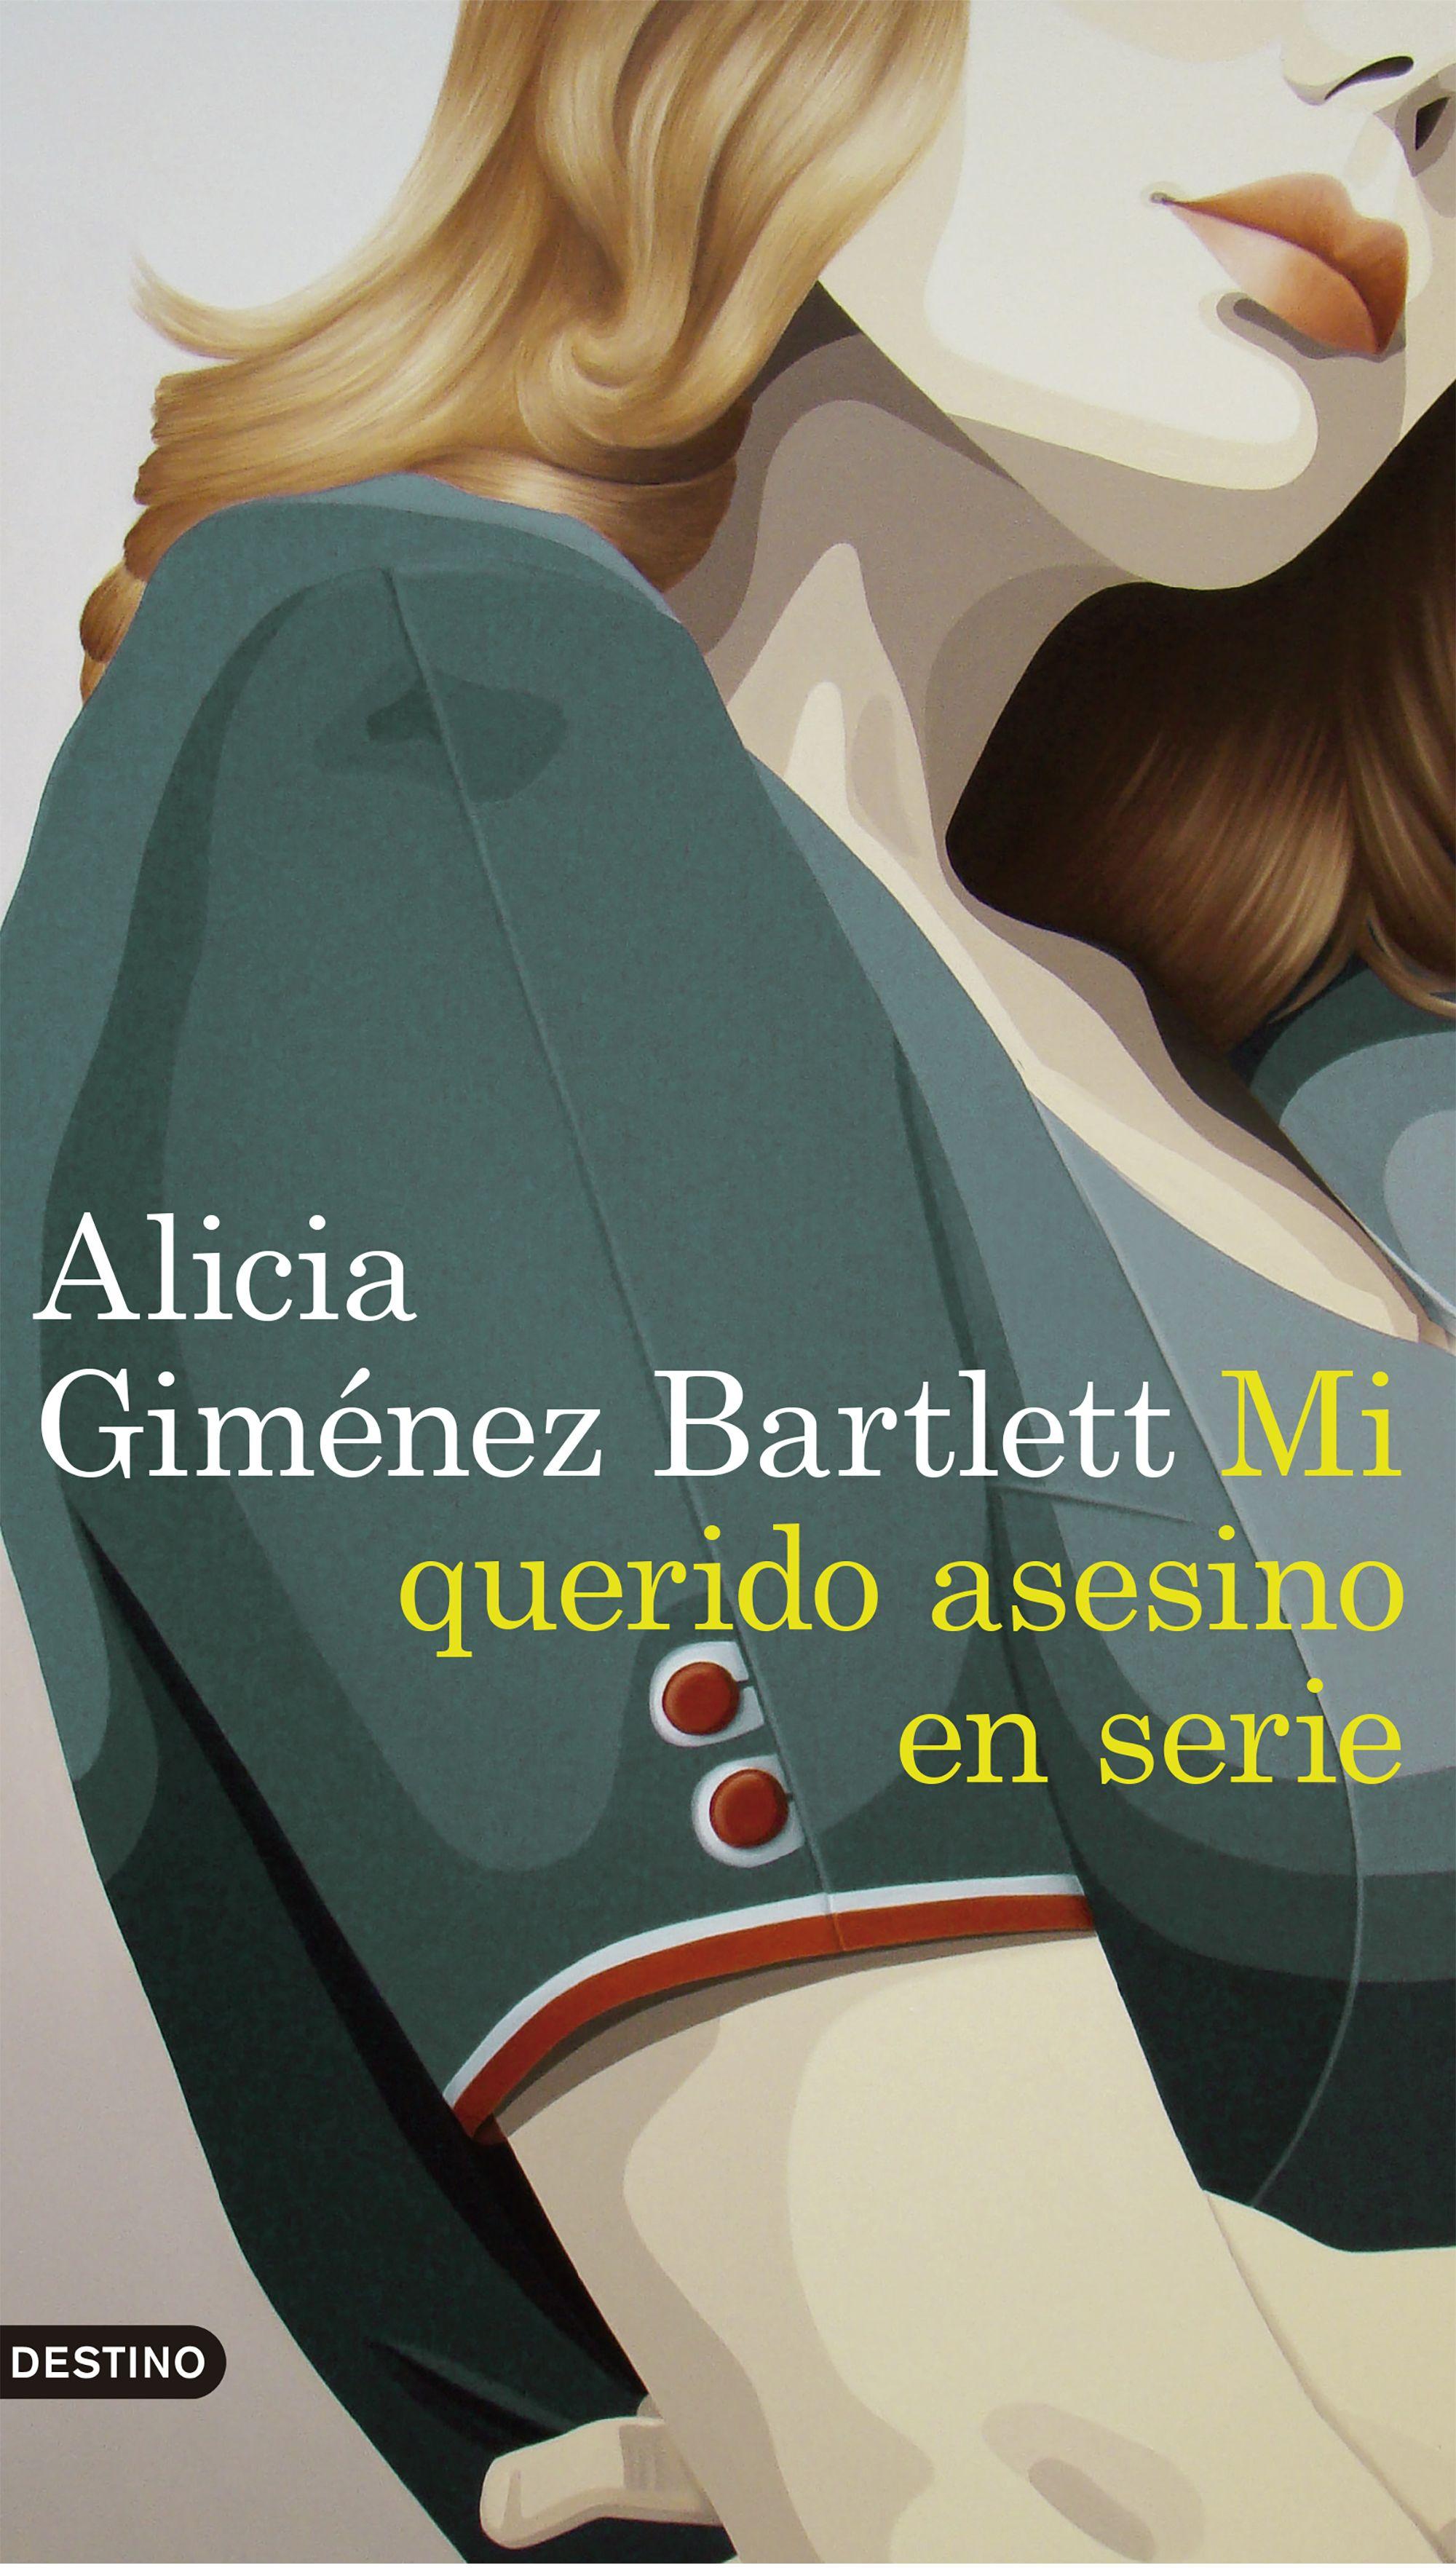 https://static7planetadelibroscom.cdnstatics.com/usuaris/libros/fotos/255/original/portada_mi-querido-asesino-en-serie_alicia-gimenez-bartlett_201707051725.jpg